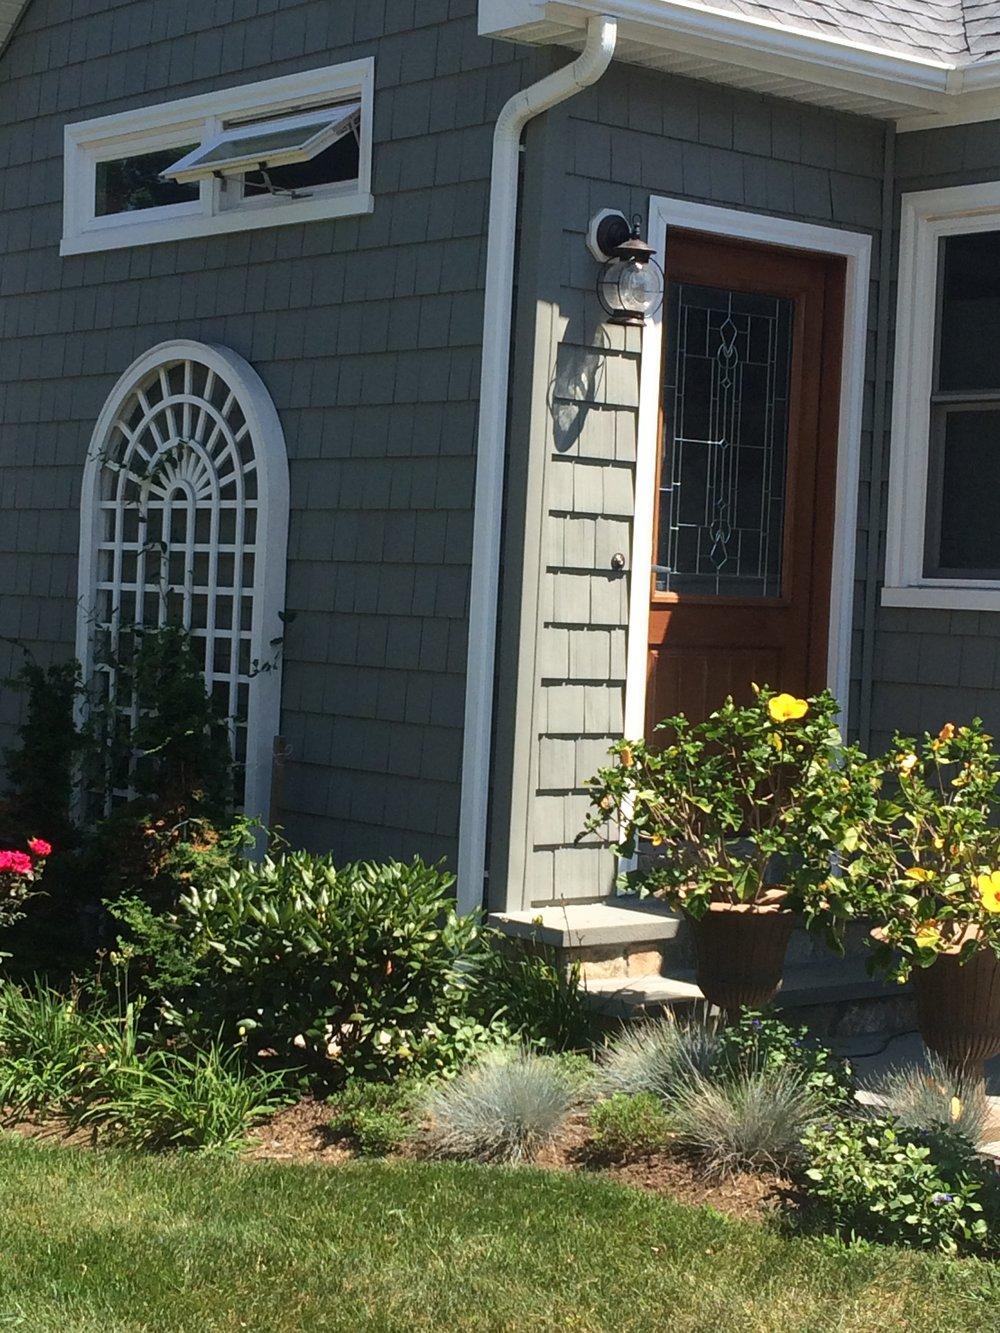 Enclose porch to create mudroom - After